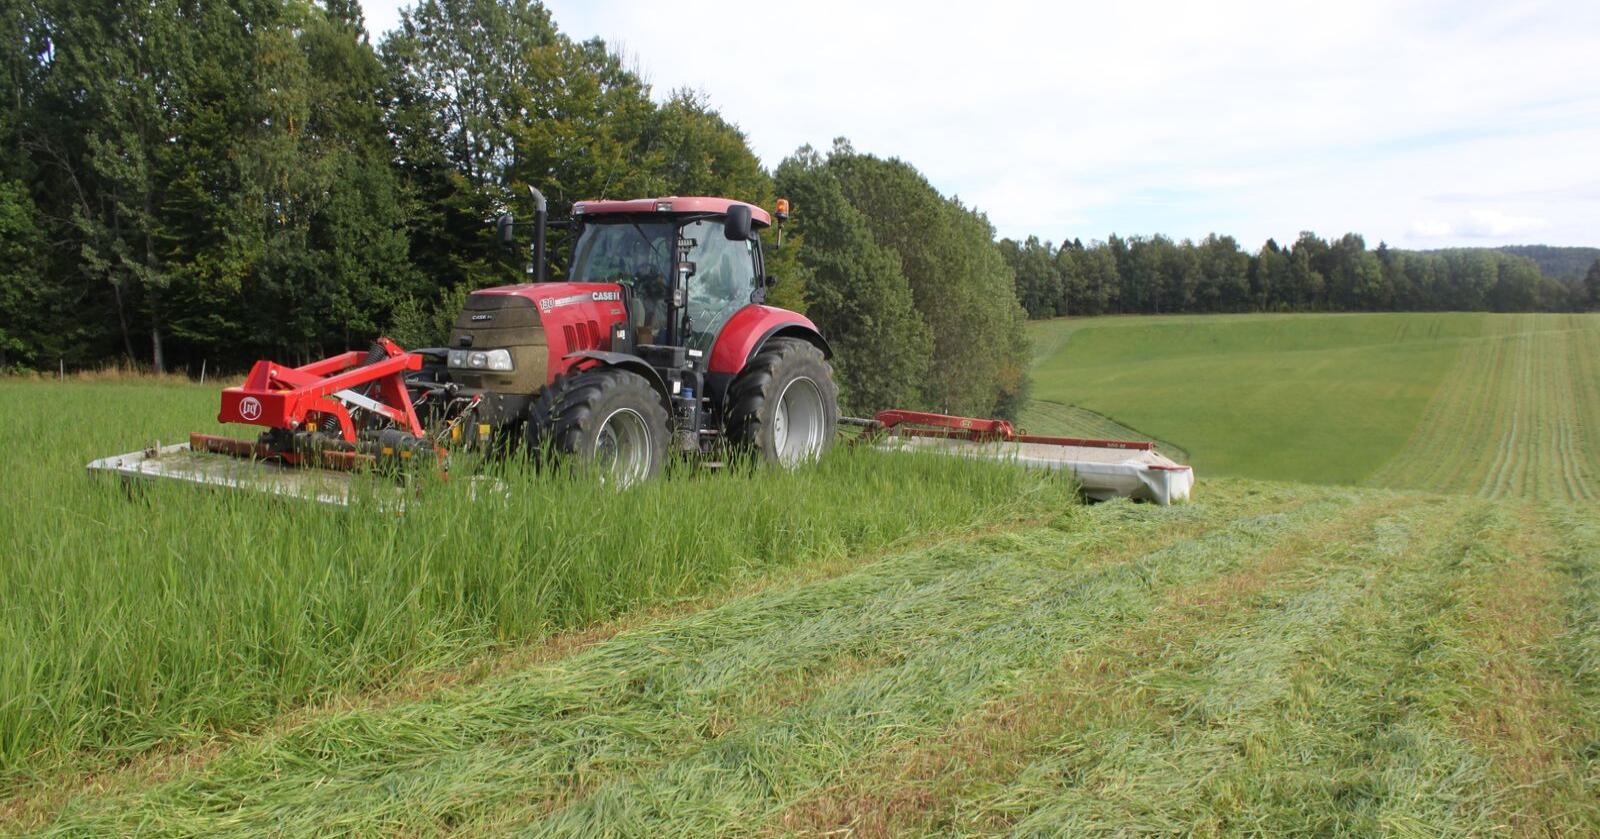 Forskere ved Århus Universitet i Danmark har klart å fremstille protein fra gras som kan erstatte soya i kraftfôr til enmaga dyr. Illustrasjonsbilde.